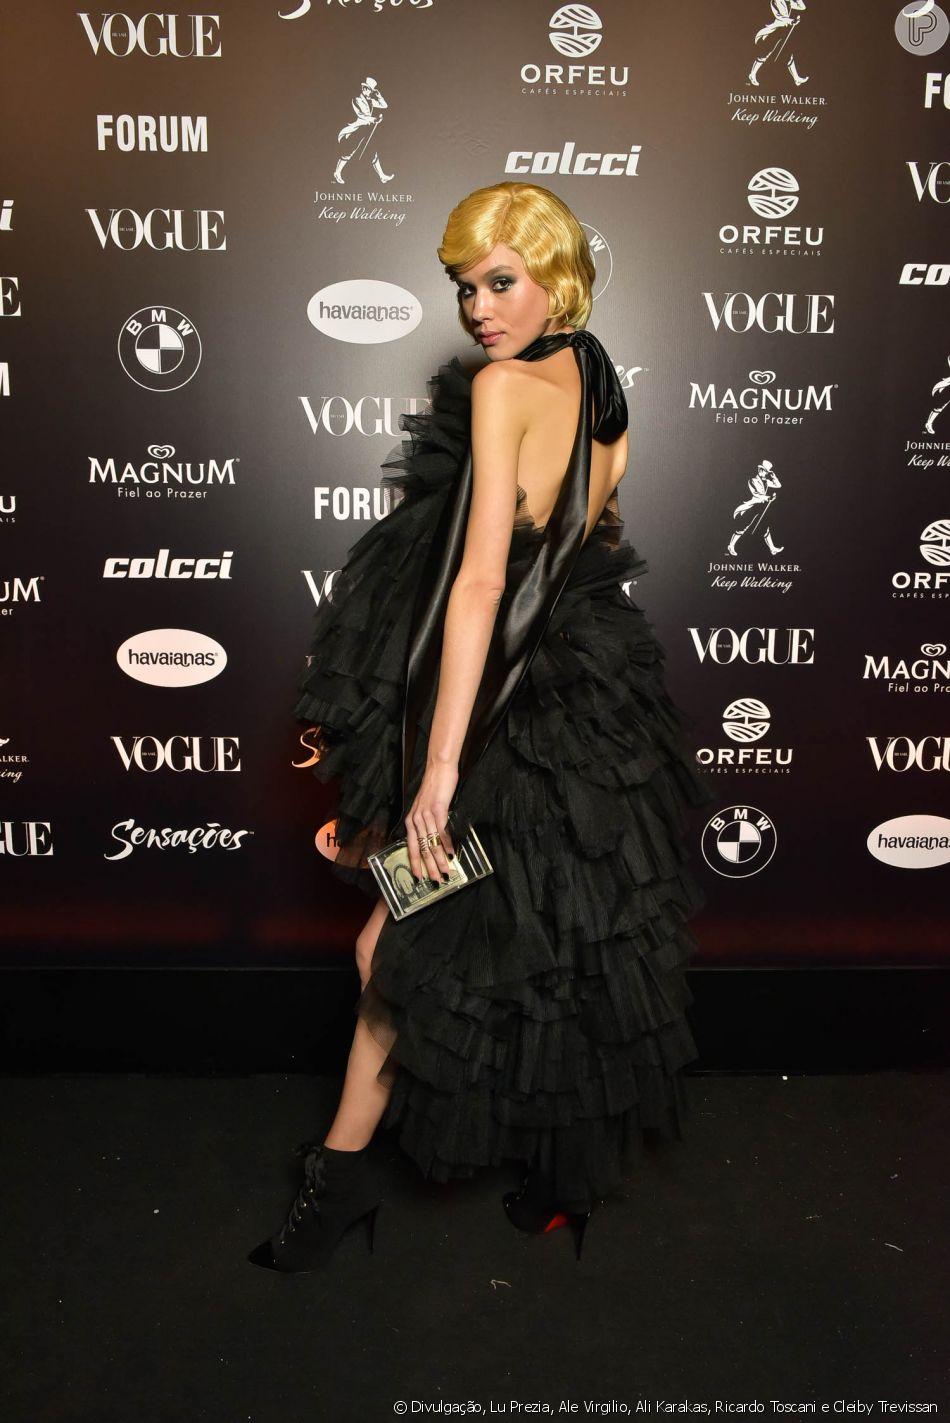 8be64e8cd3087 Baile da Vogue  Angelica Erthal com vestido preto cheio de babados e muito  volume